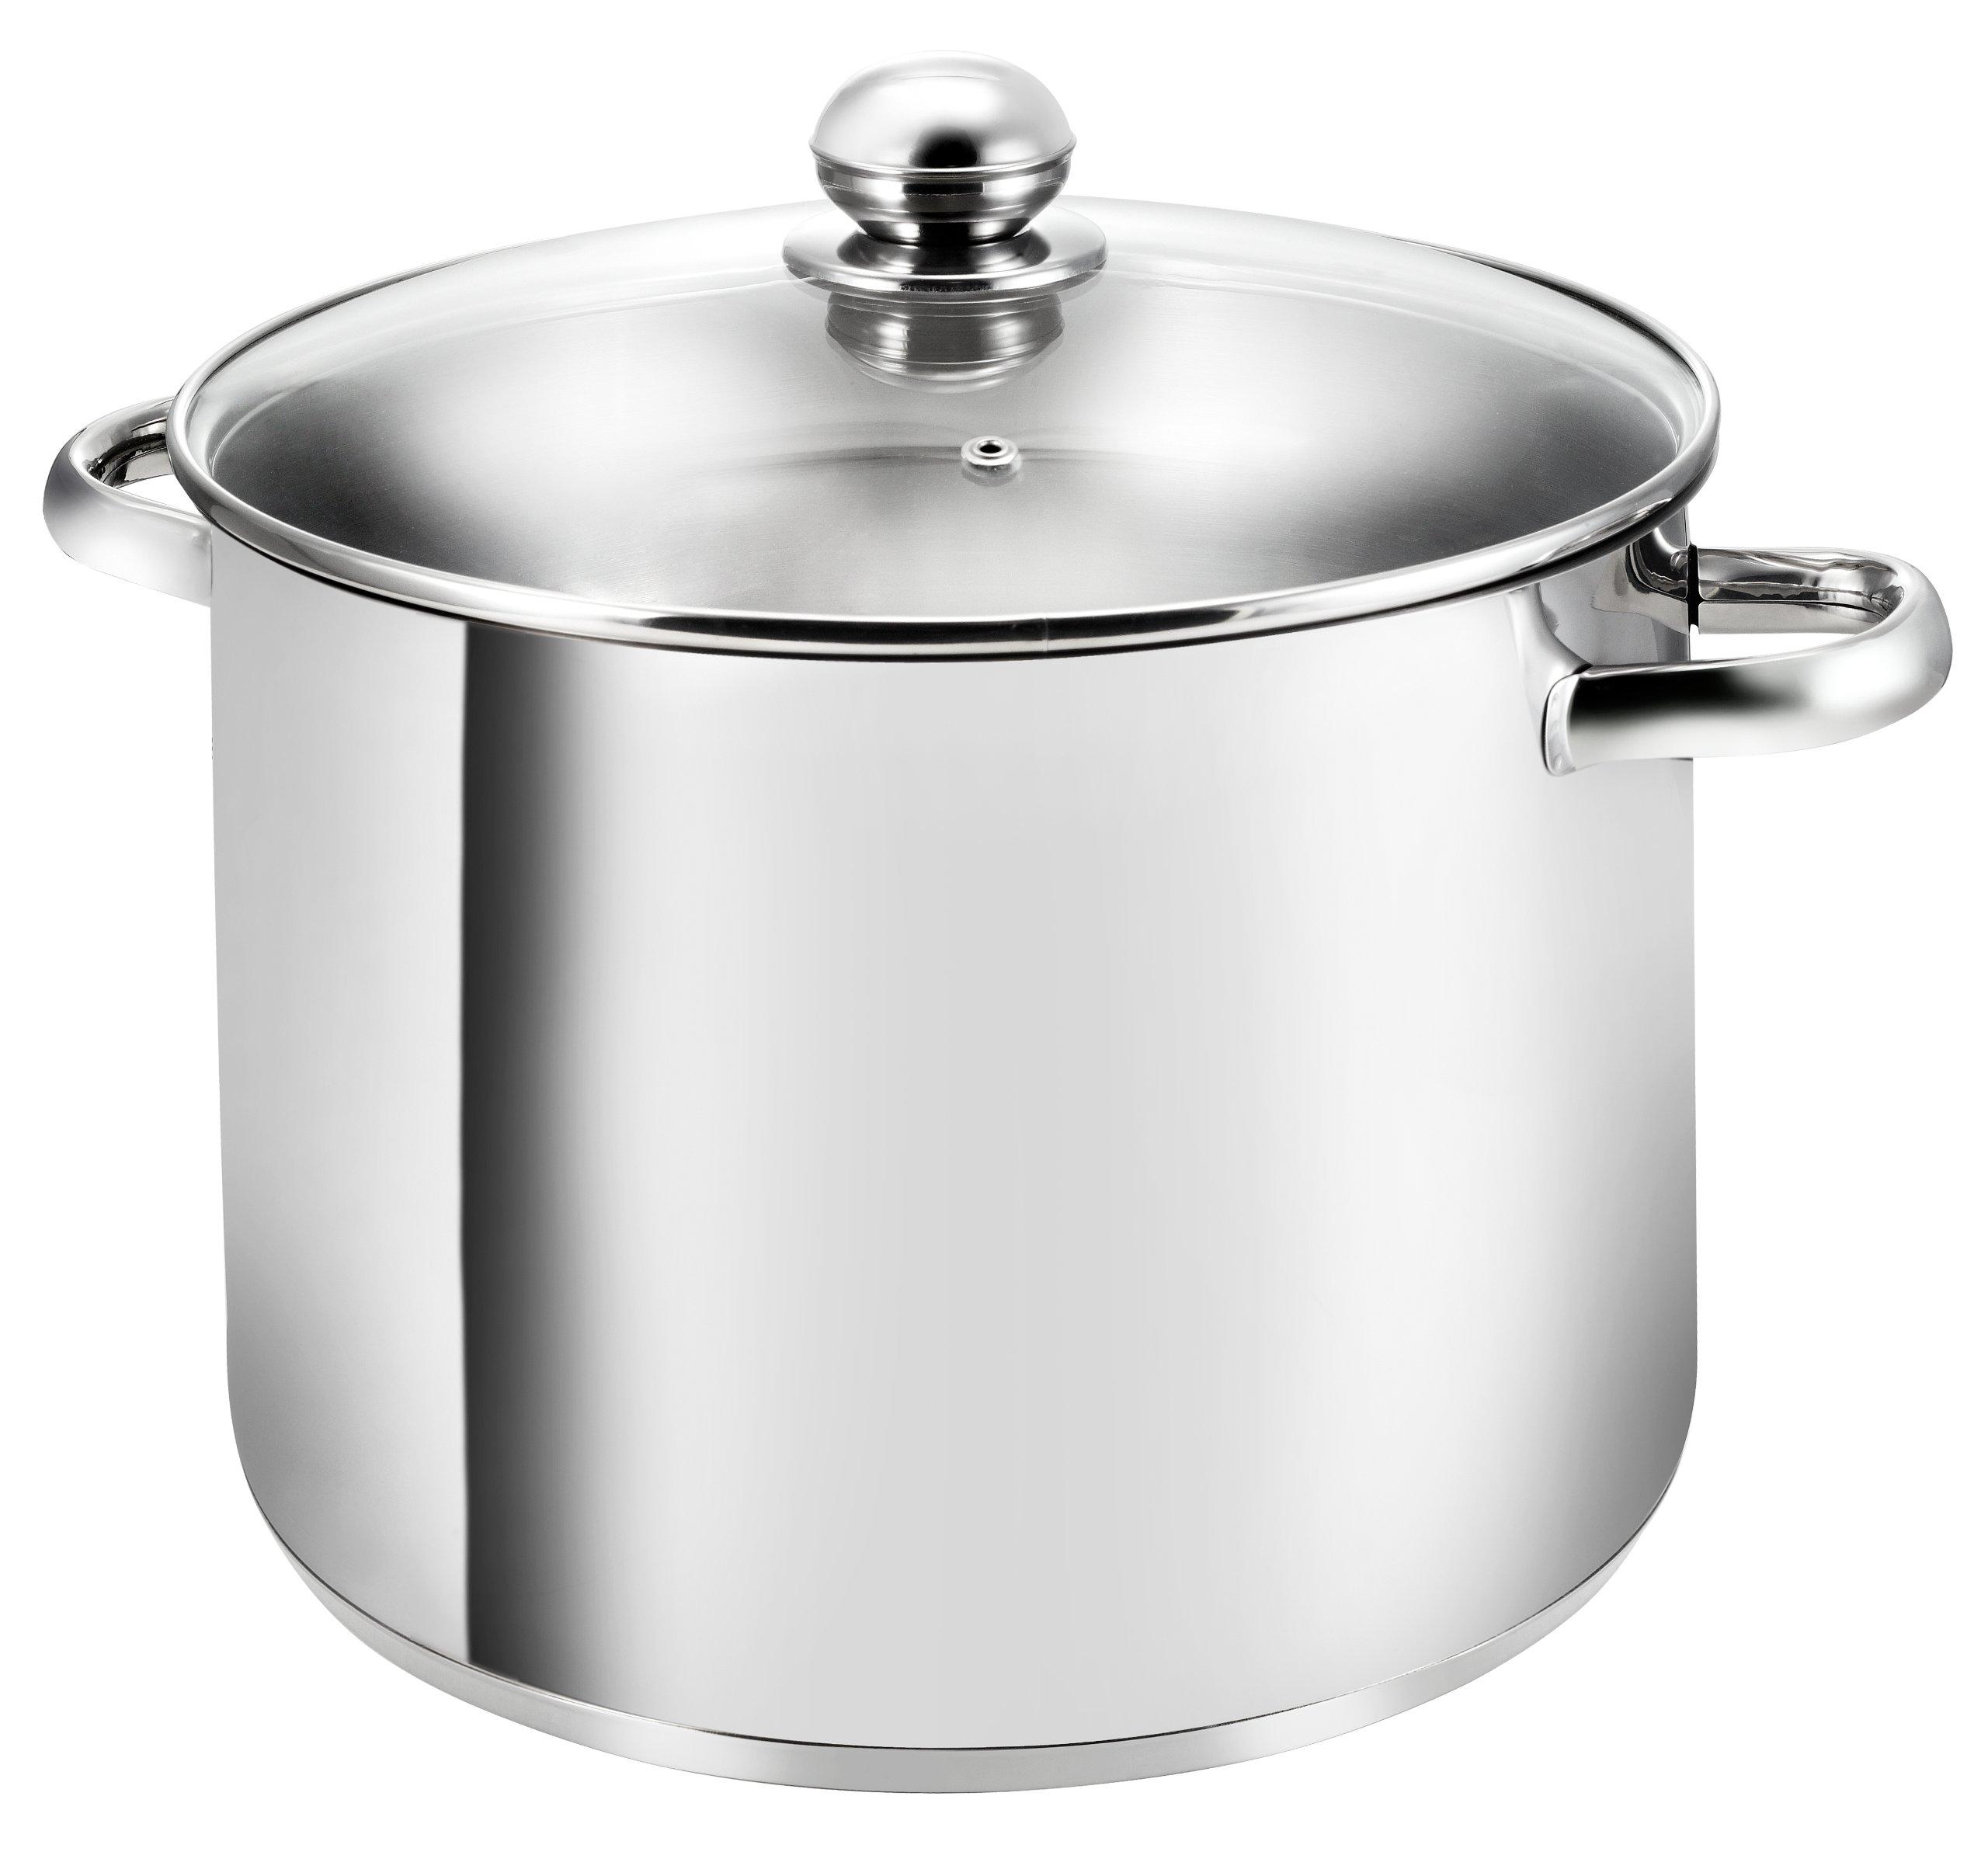 KOPF Gigant - Grand pot en inox avec couvercle en verre, Ø 28 cm, hauteur de 21 cm, 12,5 litres convient à induction product image